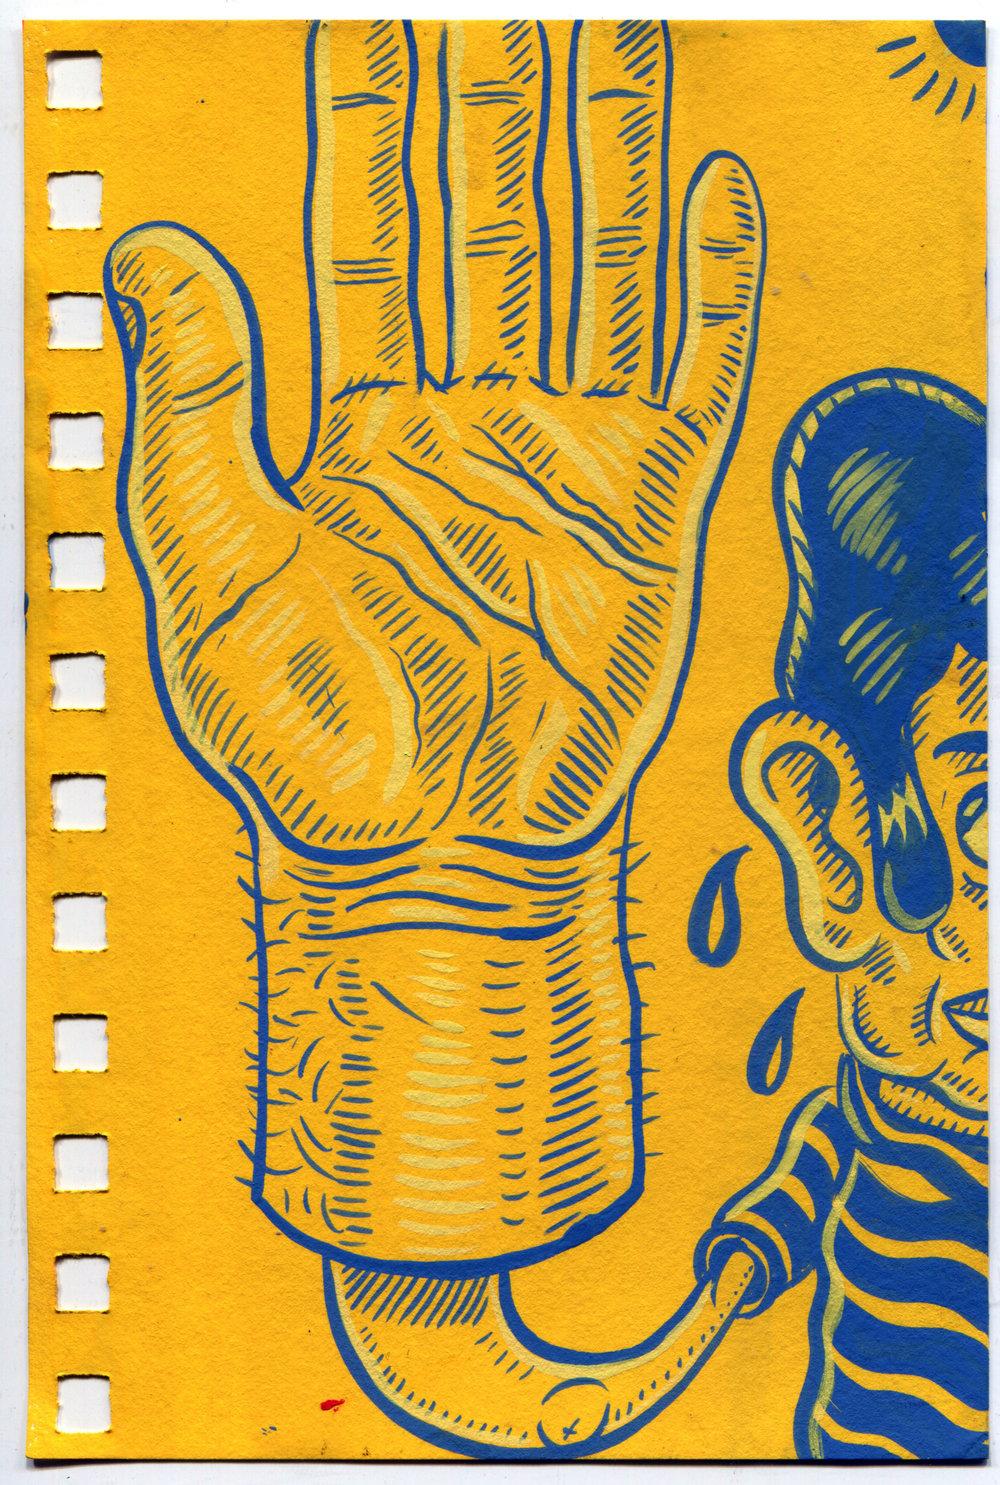 giant hand(gouache).jpg